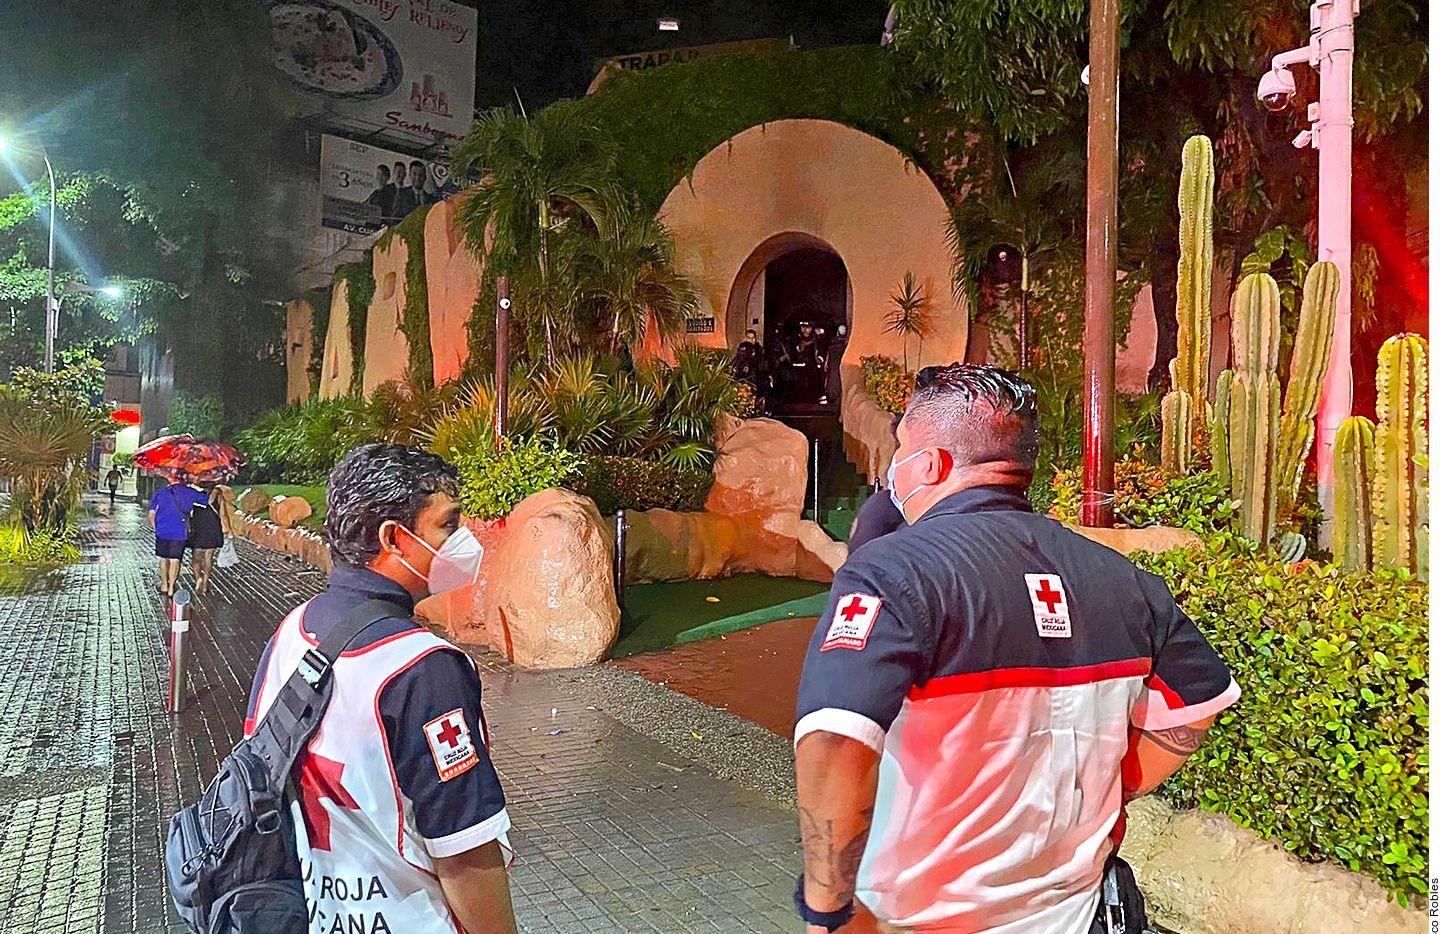 El Baby'O en Acapulco fue visitado por artistas de renombre como José José, Luis Miguel, Chayanne, Donna Summer y Gloria Gaynor, entre otros.